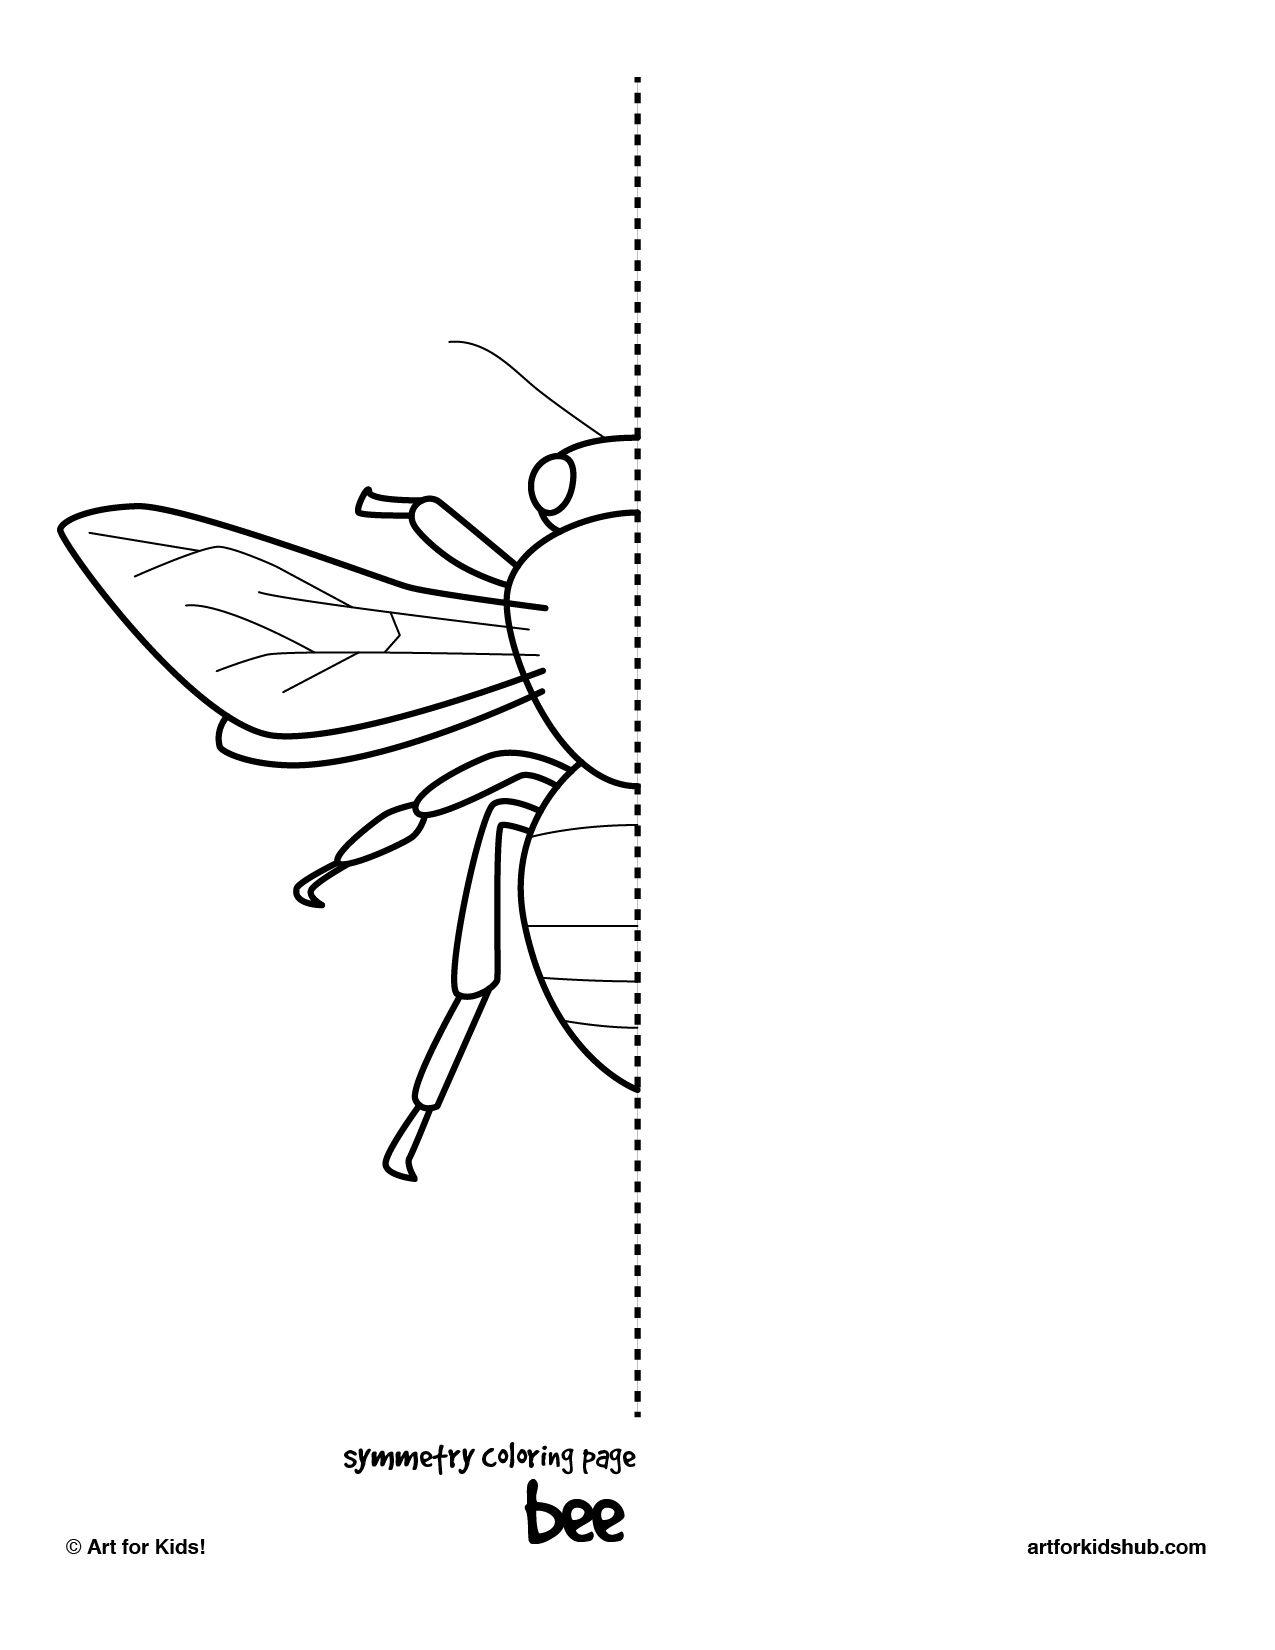 Hyönteisen piirtäminen symmetriseksi